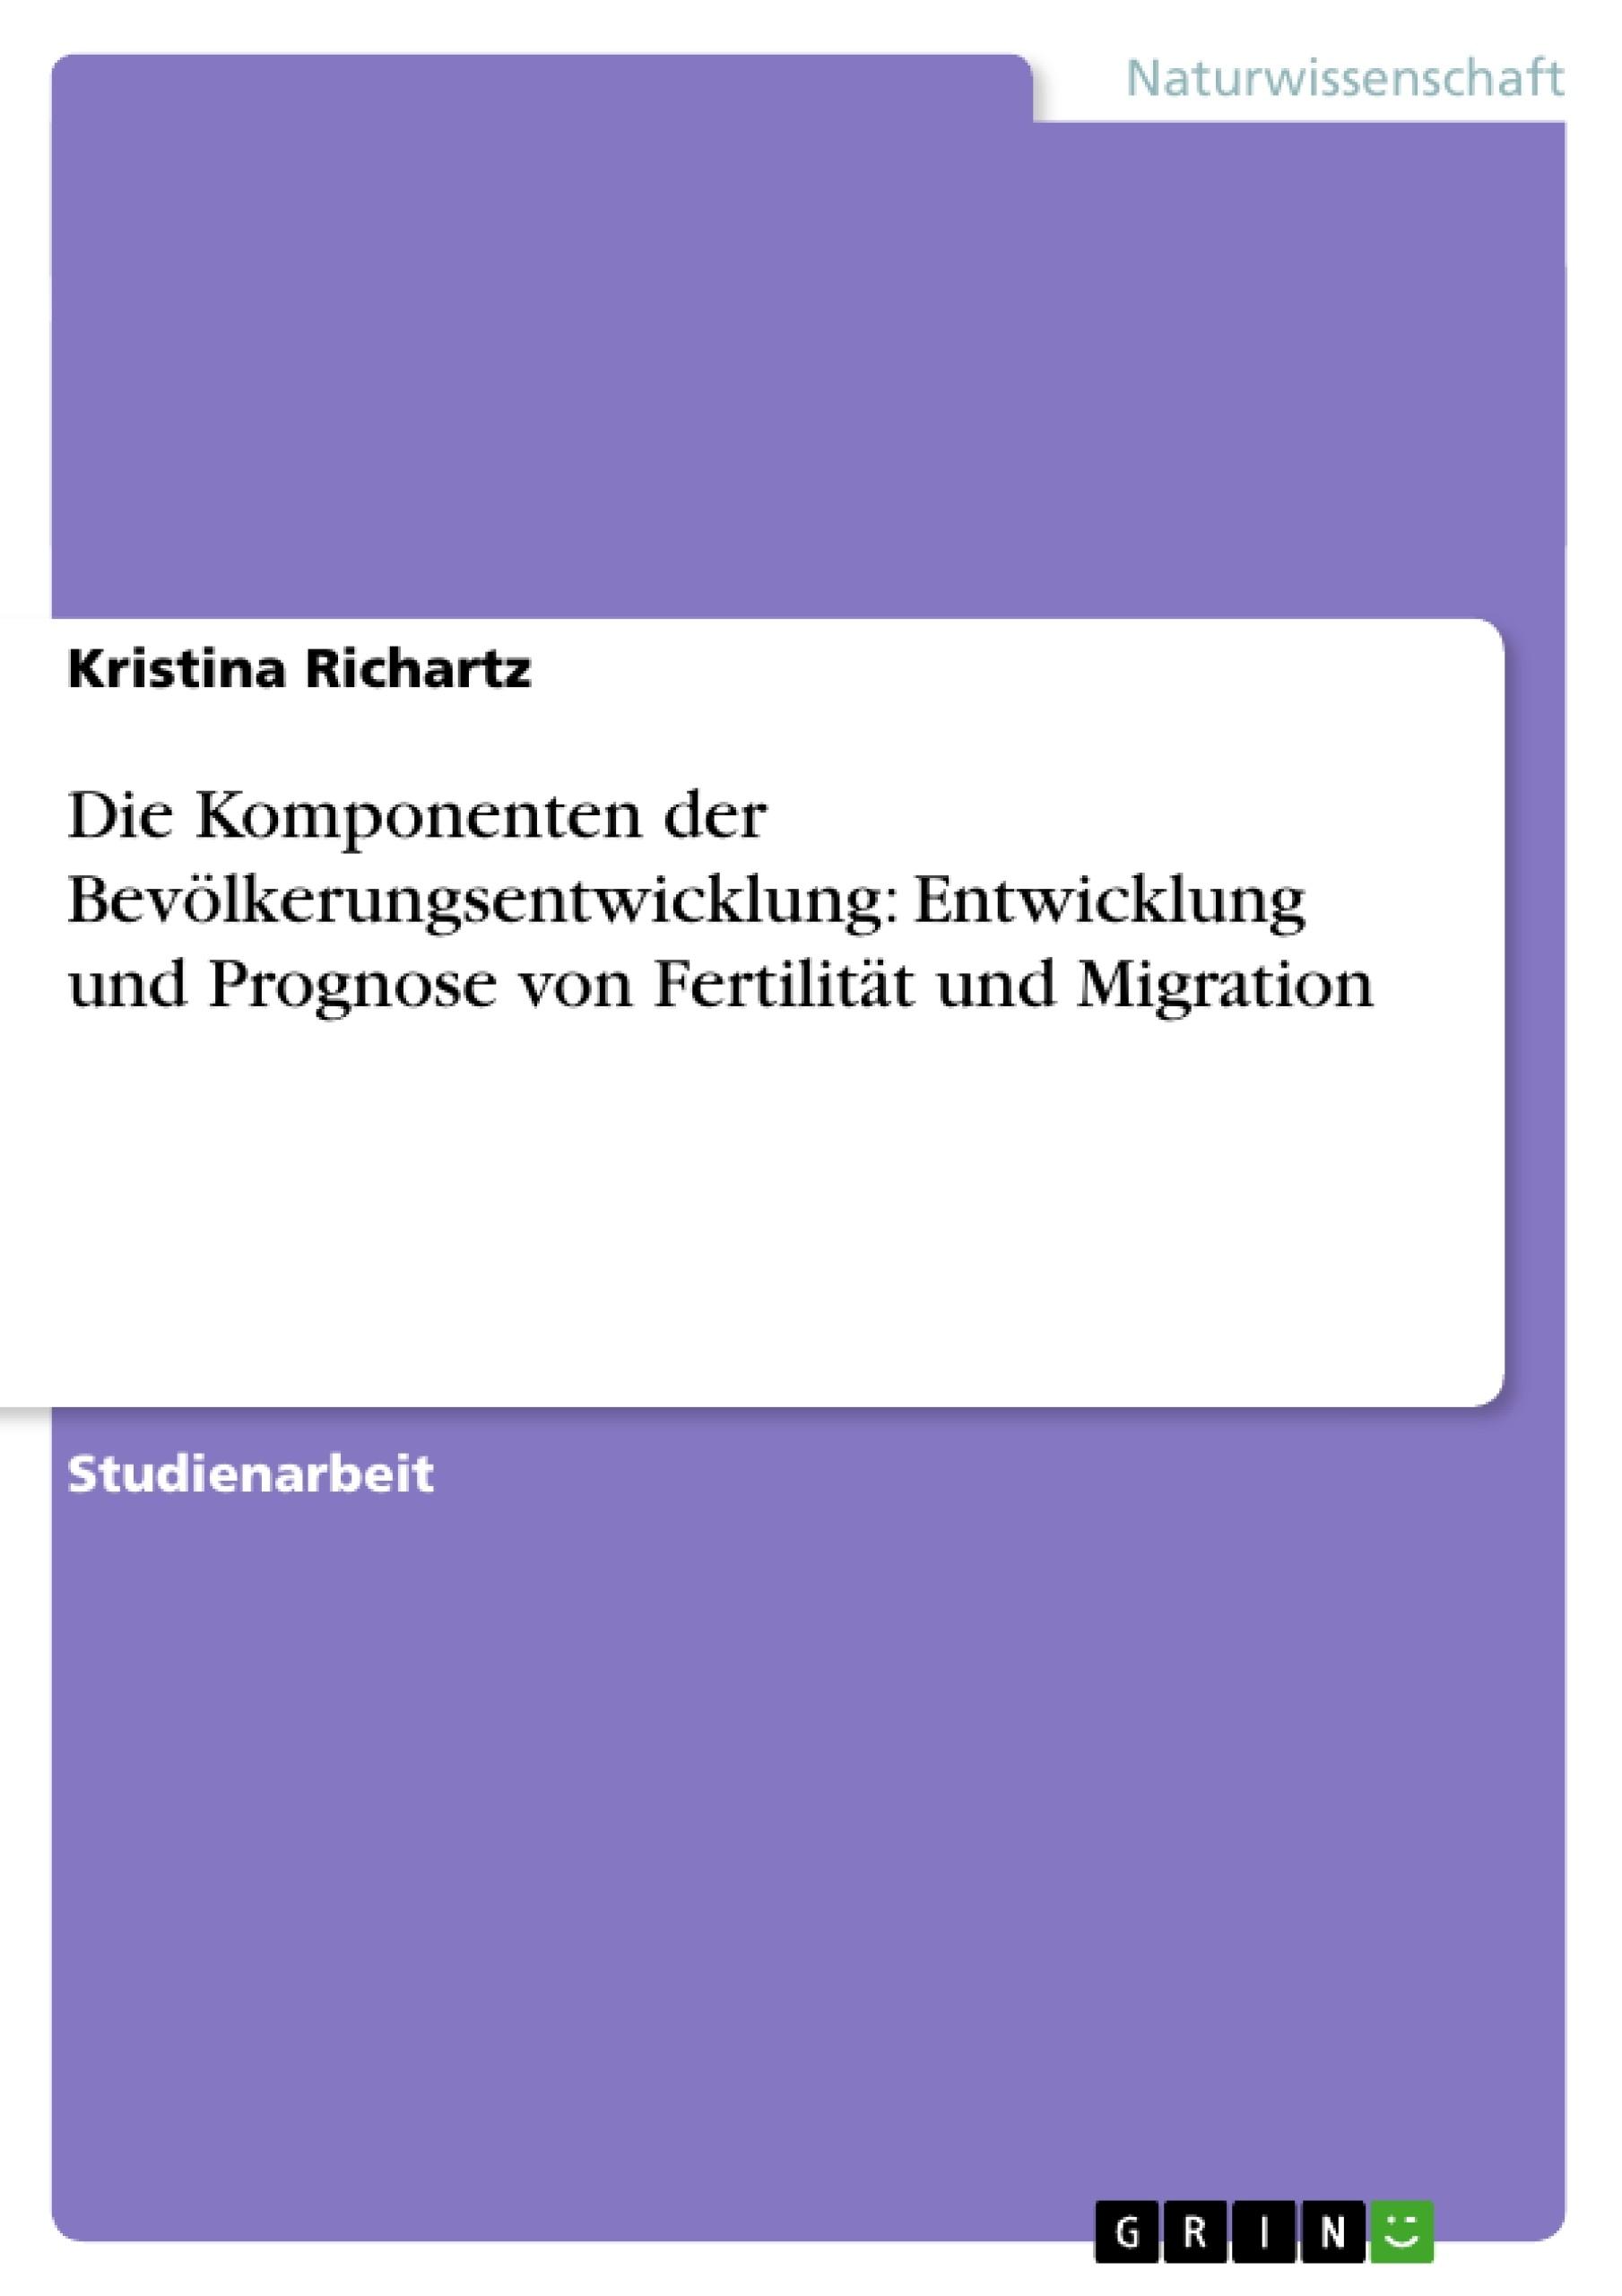 Titel: Die Komponenten der Bevölkerungsentwicklung: Entwicklung und Prognose von Fertilität und Migration